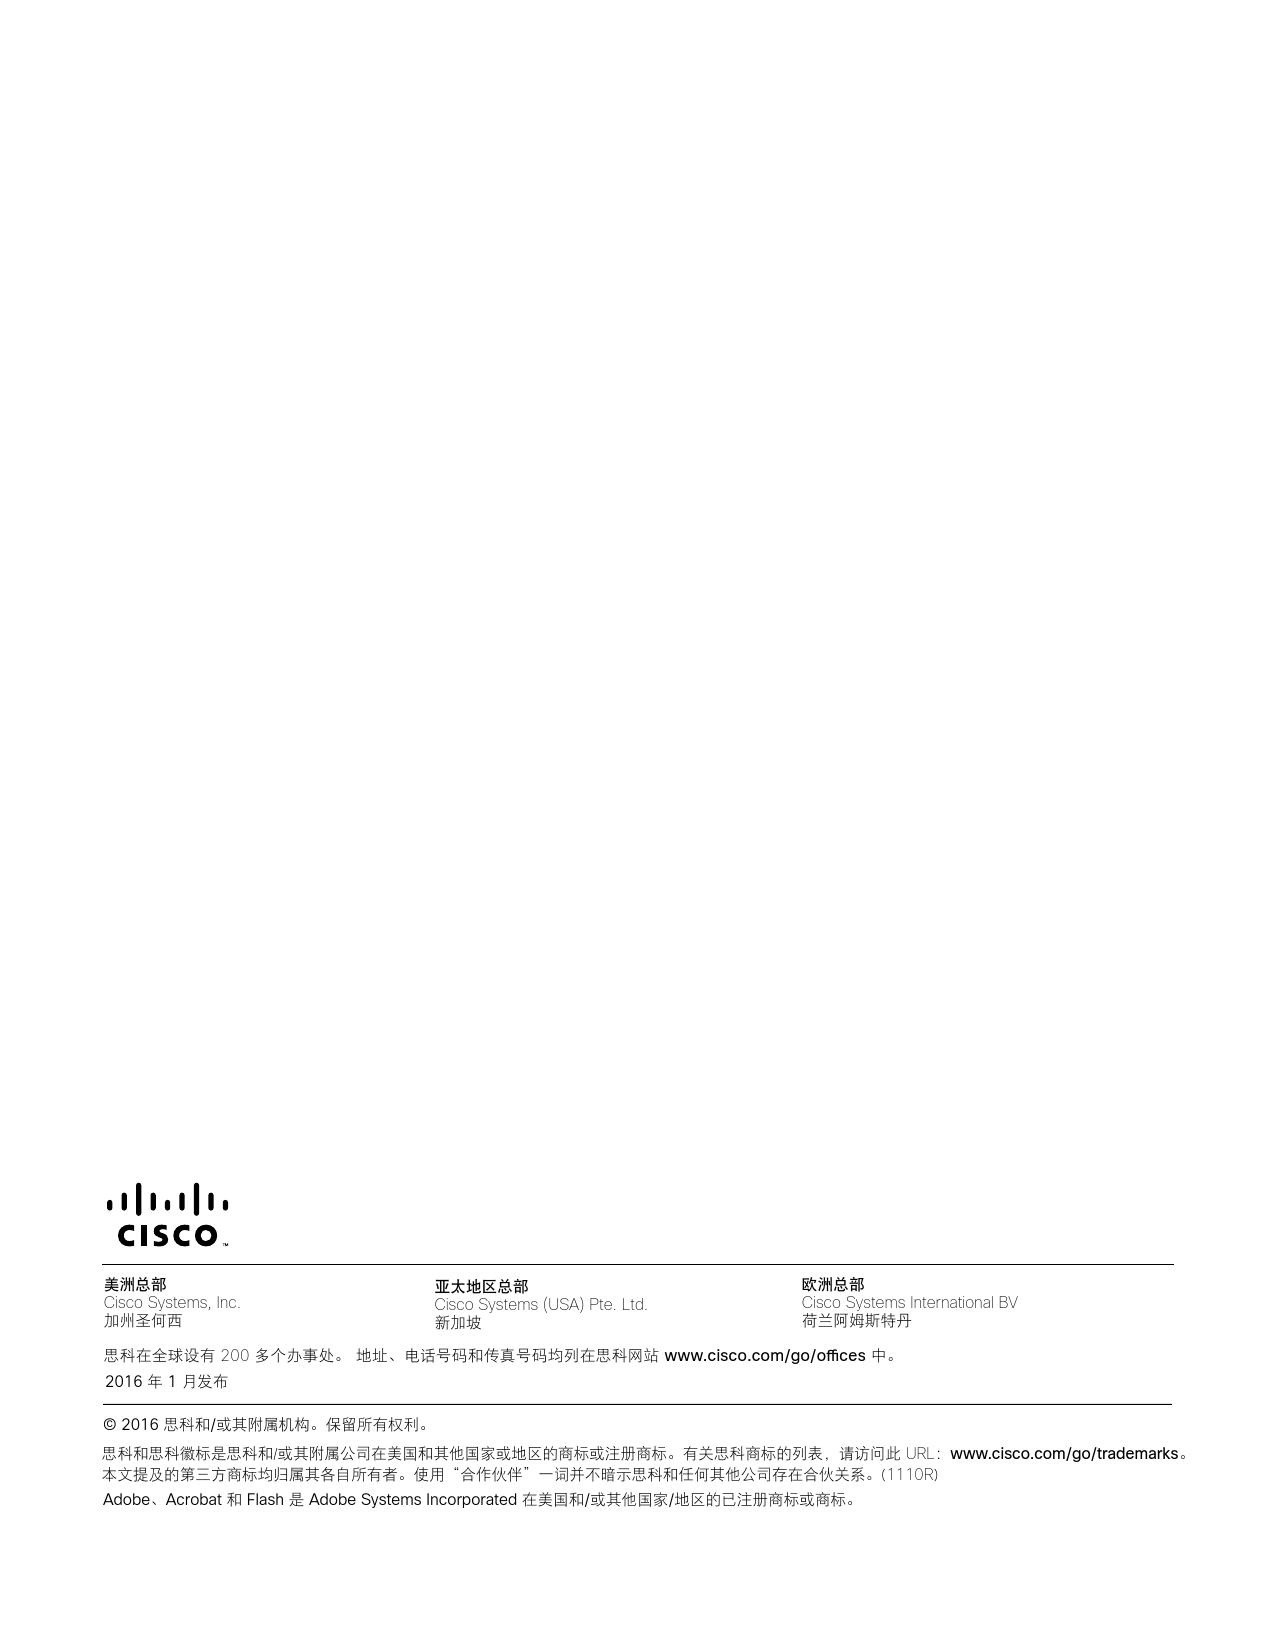 2016年中网络安全报告_000087